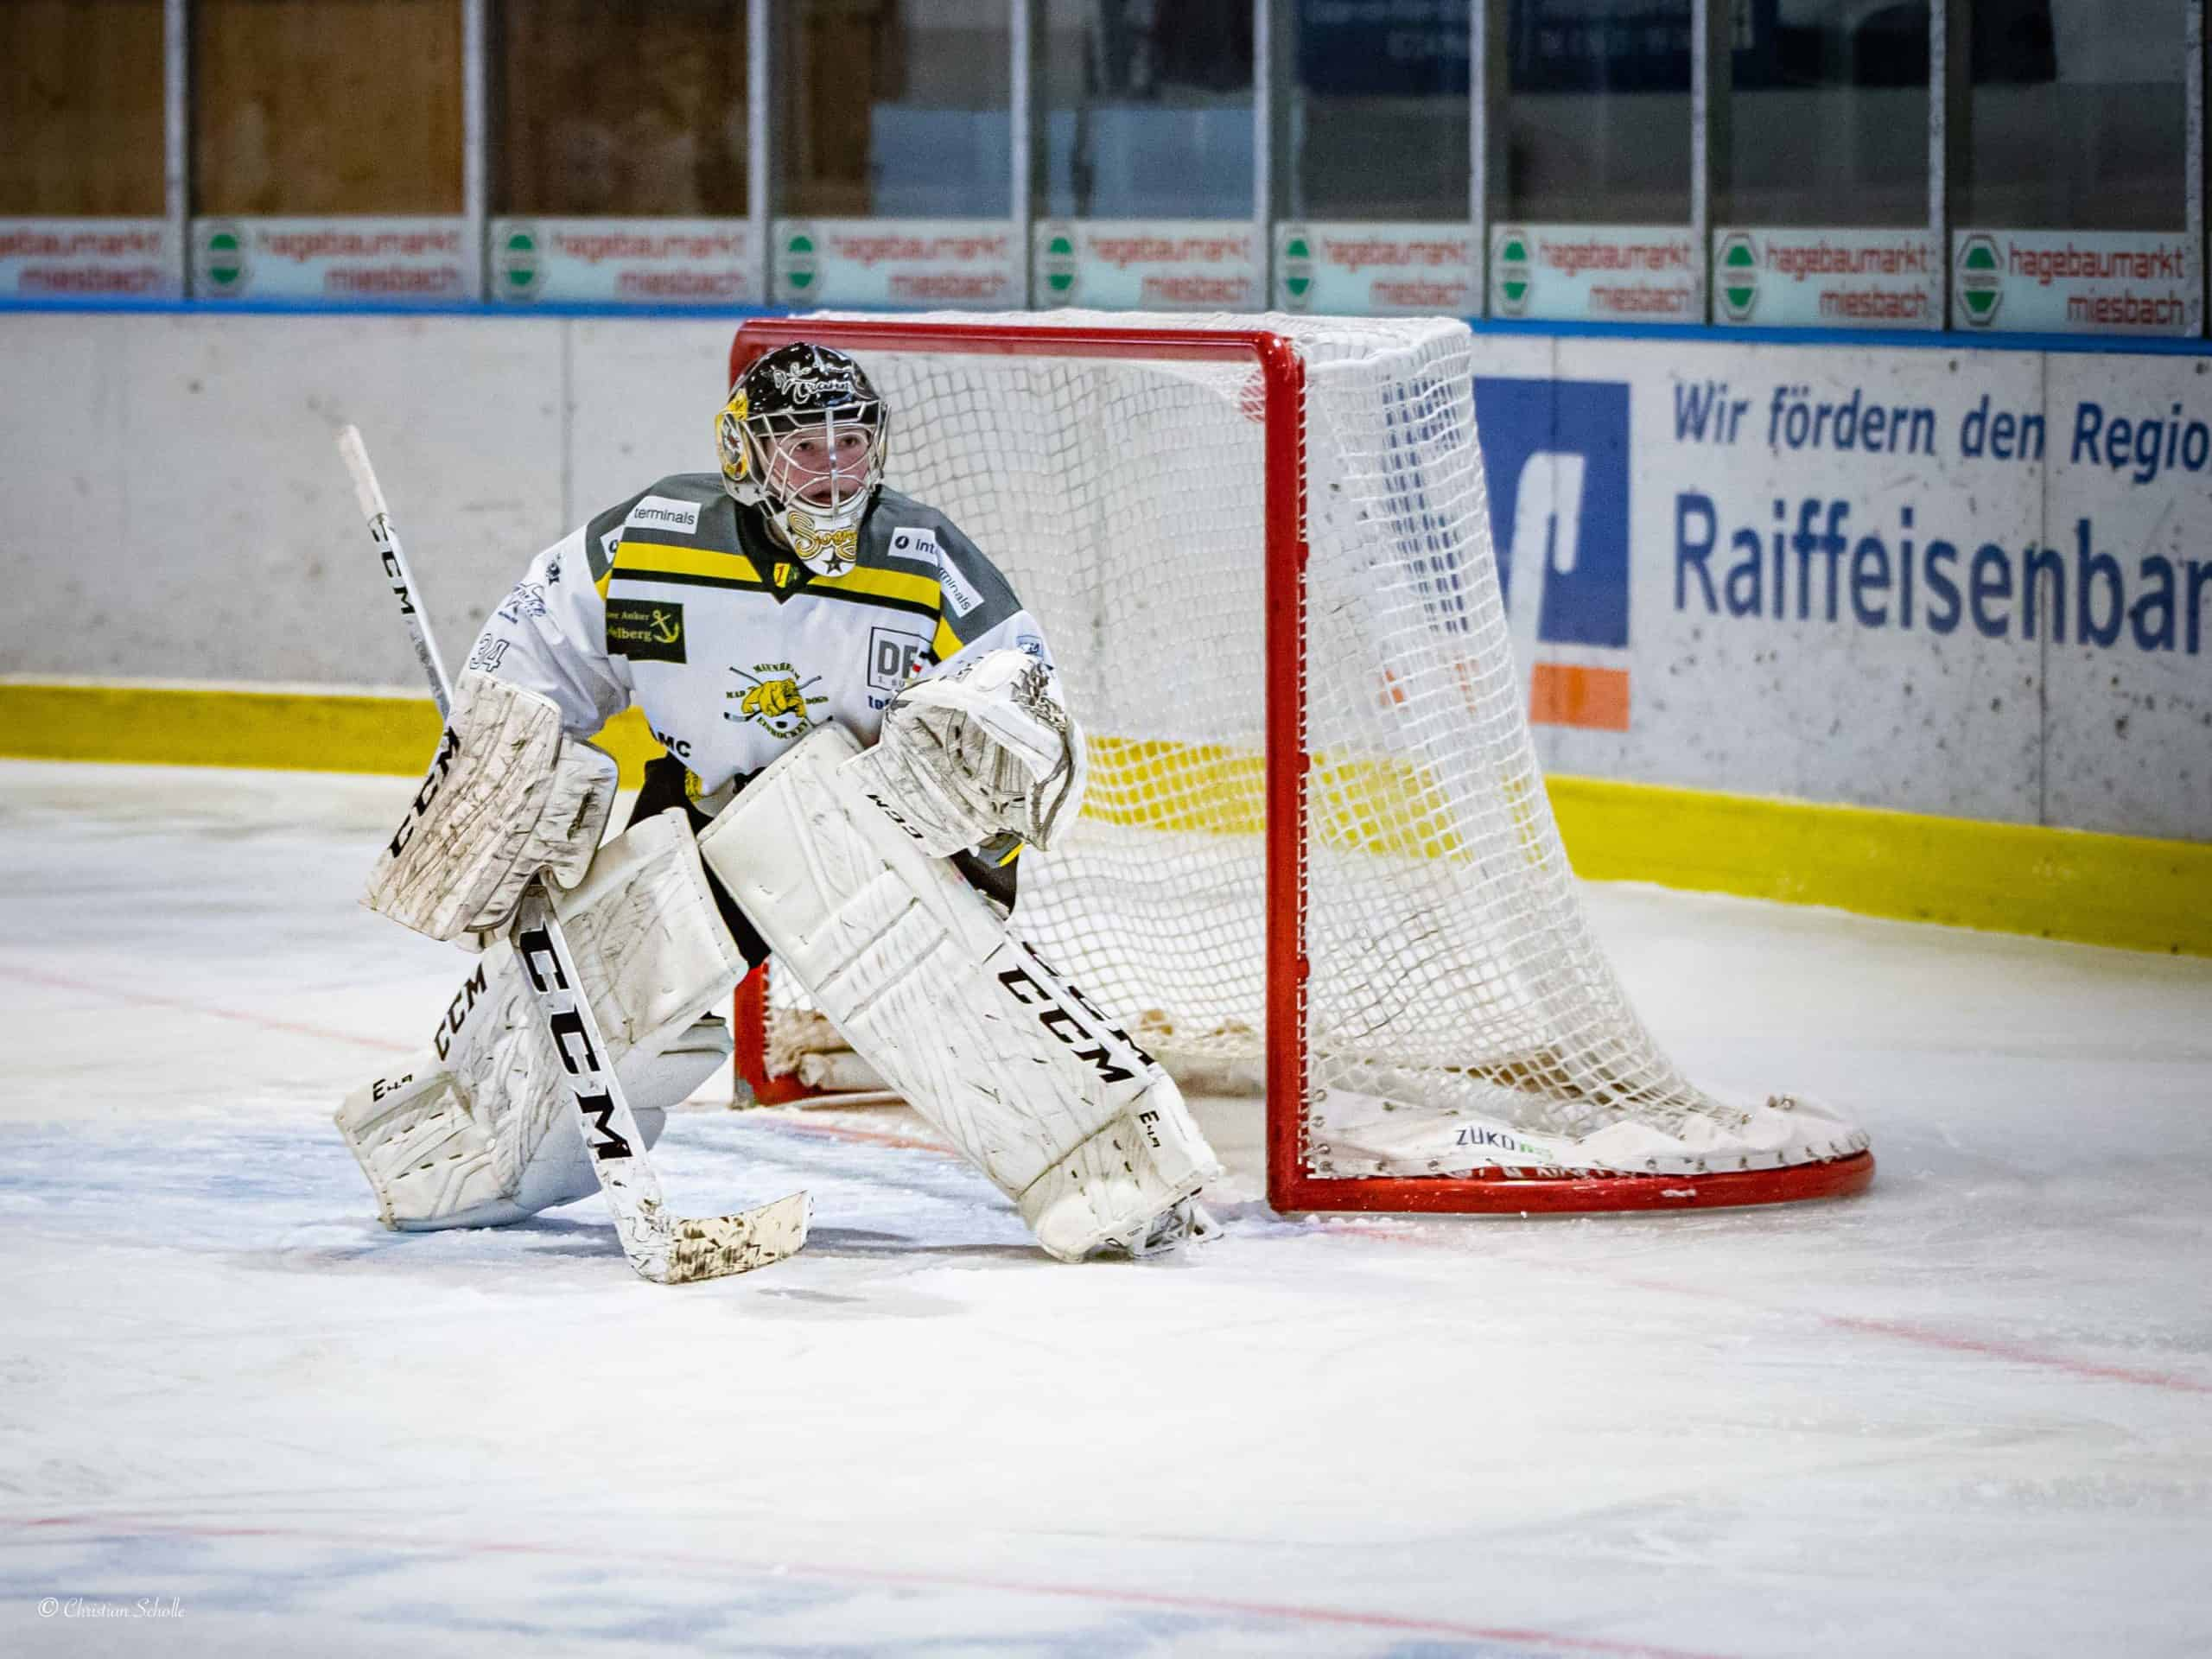 Svenja im Tor bei einem Eishockeyspiel